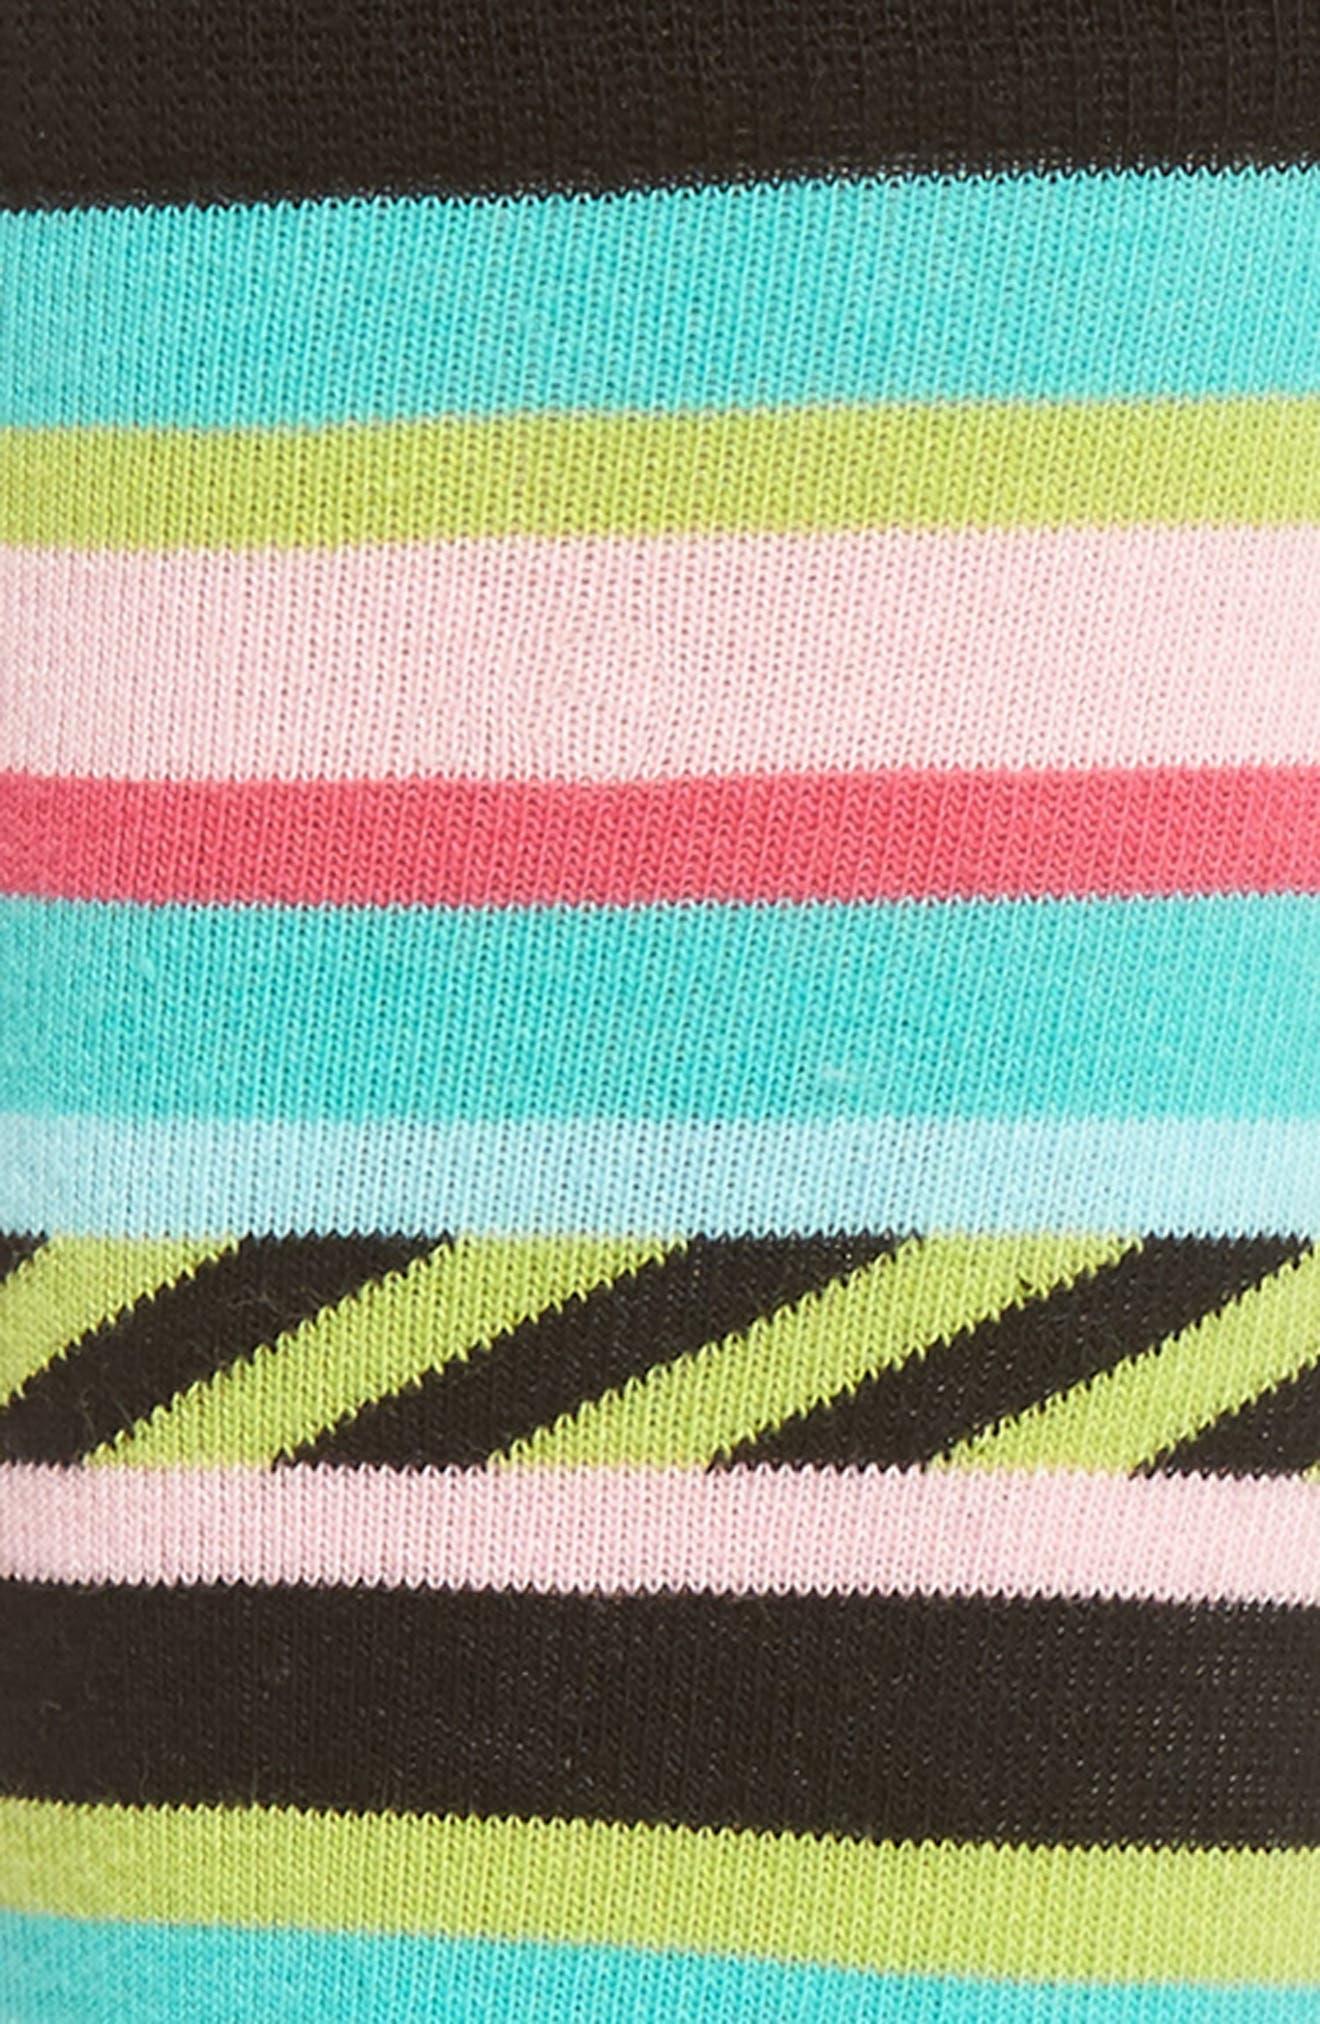 Alternate Image 2  - Happy Socks Stripes & Stripes Crew Socks (3 for $24.00)